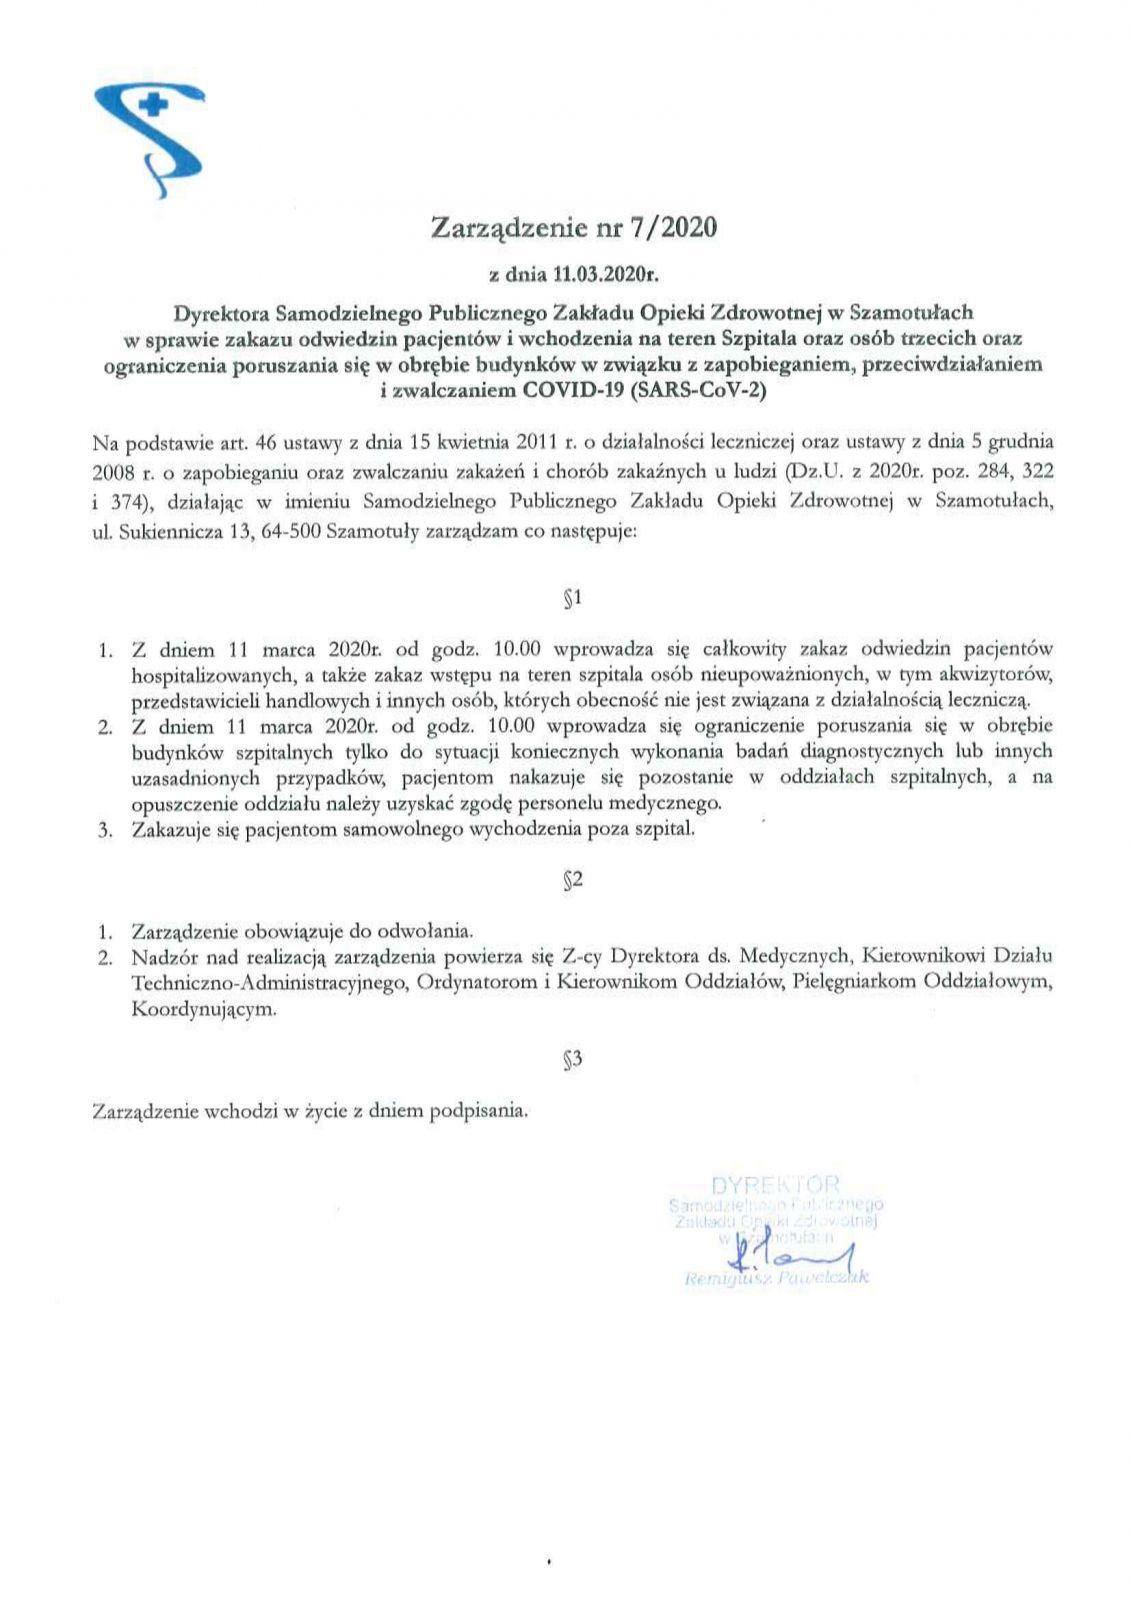 Zarządzenie Dyrektora SP ZOZ nr 7/2020 z dn. 11.03.2020 r.